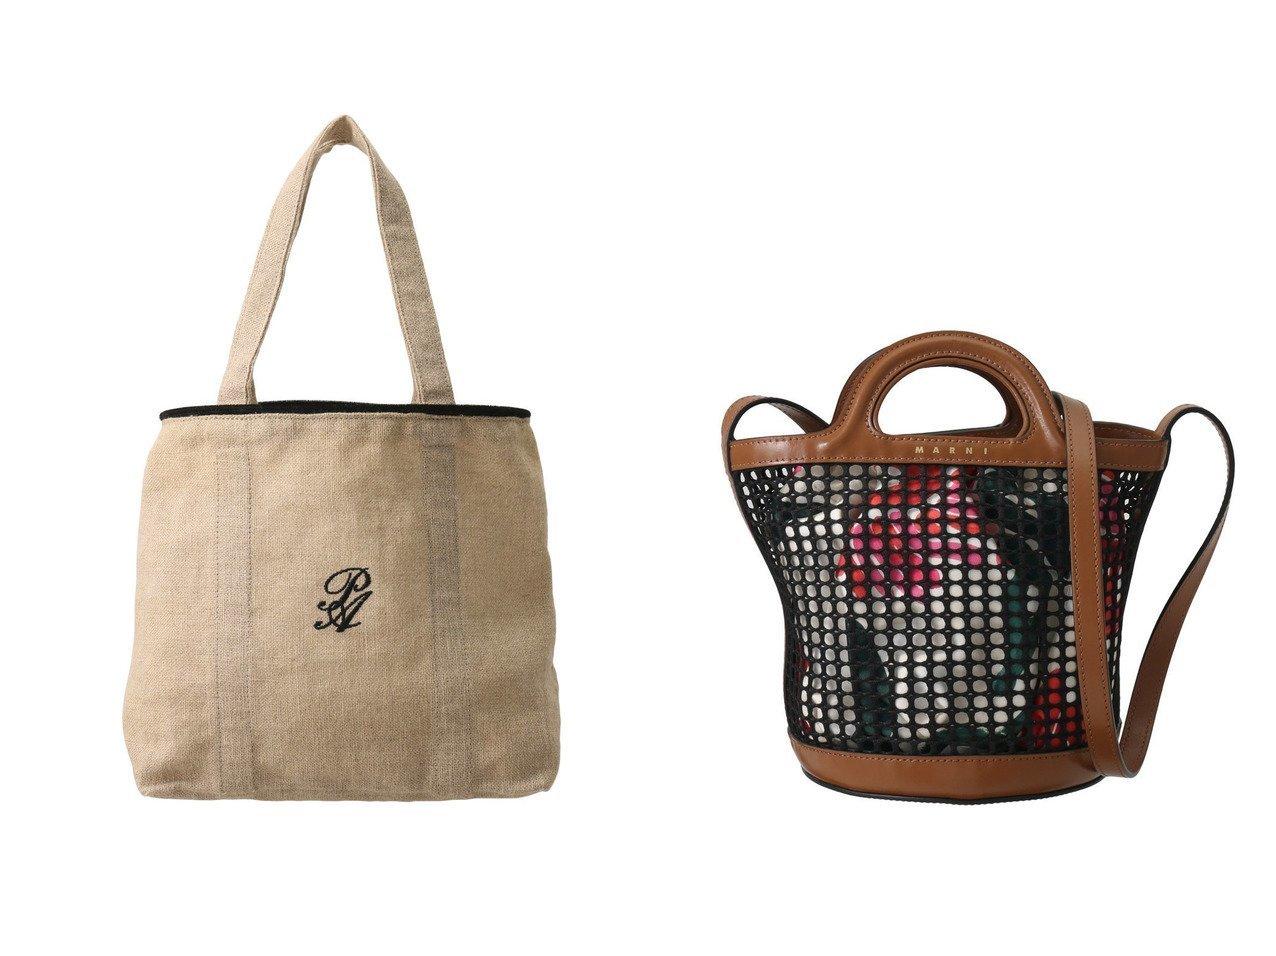 【MARNI/マルニ】のNET 2wayサマーバッグ S&【pageaeree/パージュアエレ】のanneトートバッグ 【バッグ・鞄】おすすめ!人気、トレンド・レディースファッションの通販 おすすめで人気の流行・トレンド、ファッションの通販商品 メンズファッション・キッズファッション・インテリア・家具・レディースファッション・服の通販 founy(ファニー) https://founy.com/ ファッション Fashion レディースファッション WOMEN バッグ Bag S/S・春夏 SS・Spring/Summer ポーチ 再入荷 Restock/Back in Stock/Re Arrival 春 Spring 財布 おすすめ Recommend コンビ サマー リゾート  ID:crp329100000035502